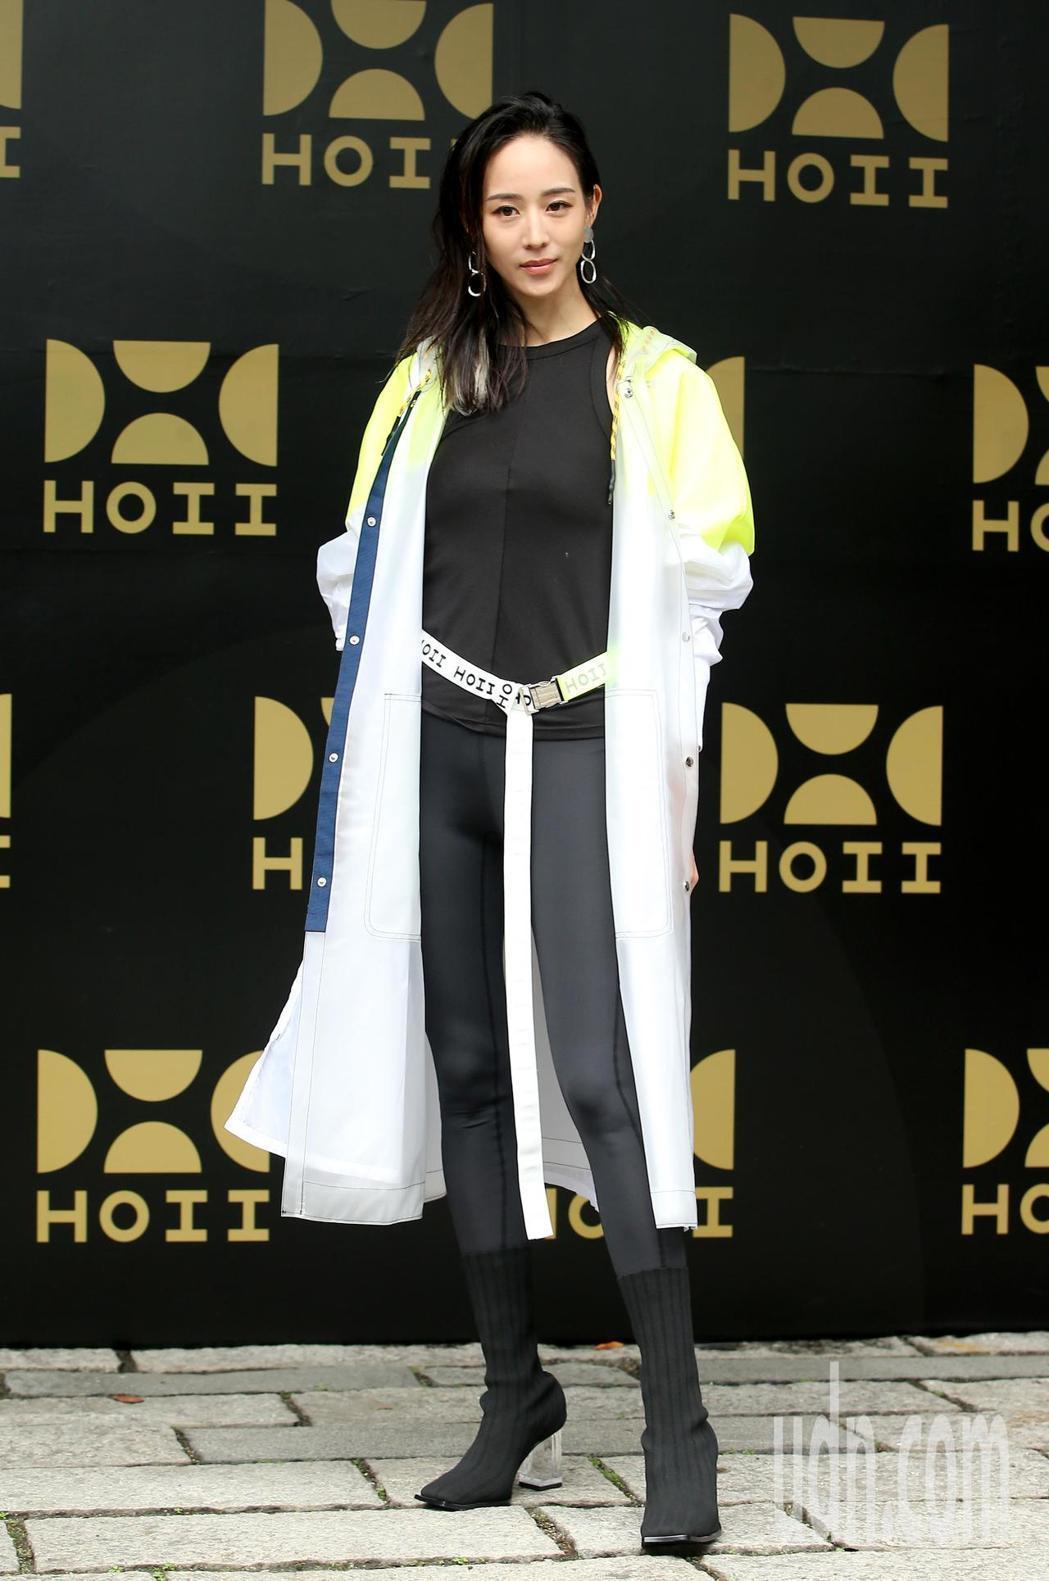 張鈞甯出席防曬品牌HOII發表會。記者余承翰/攝影